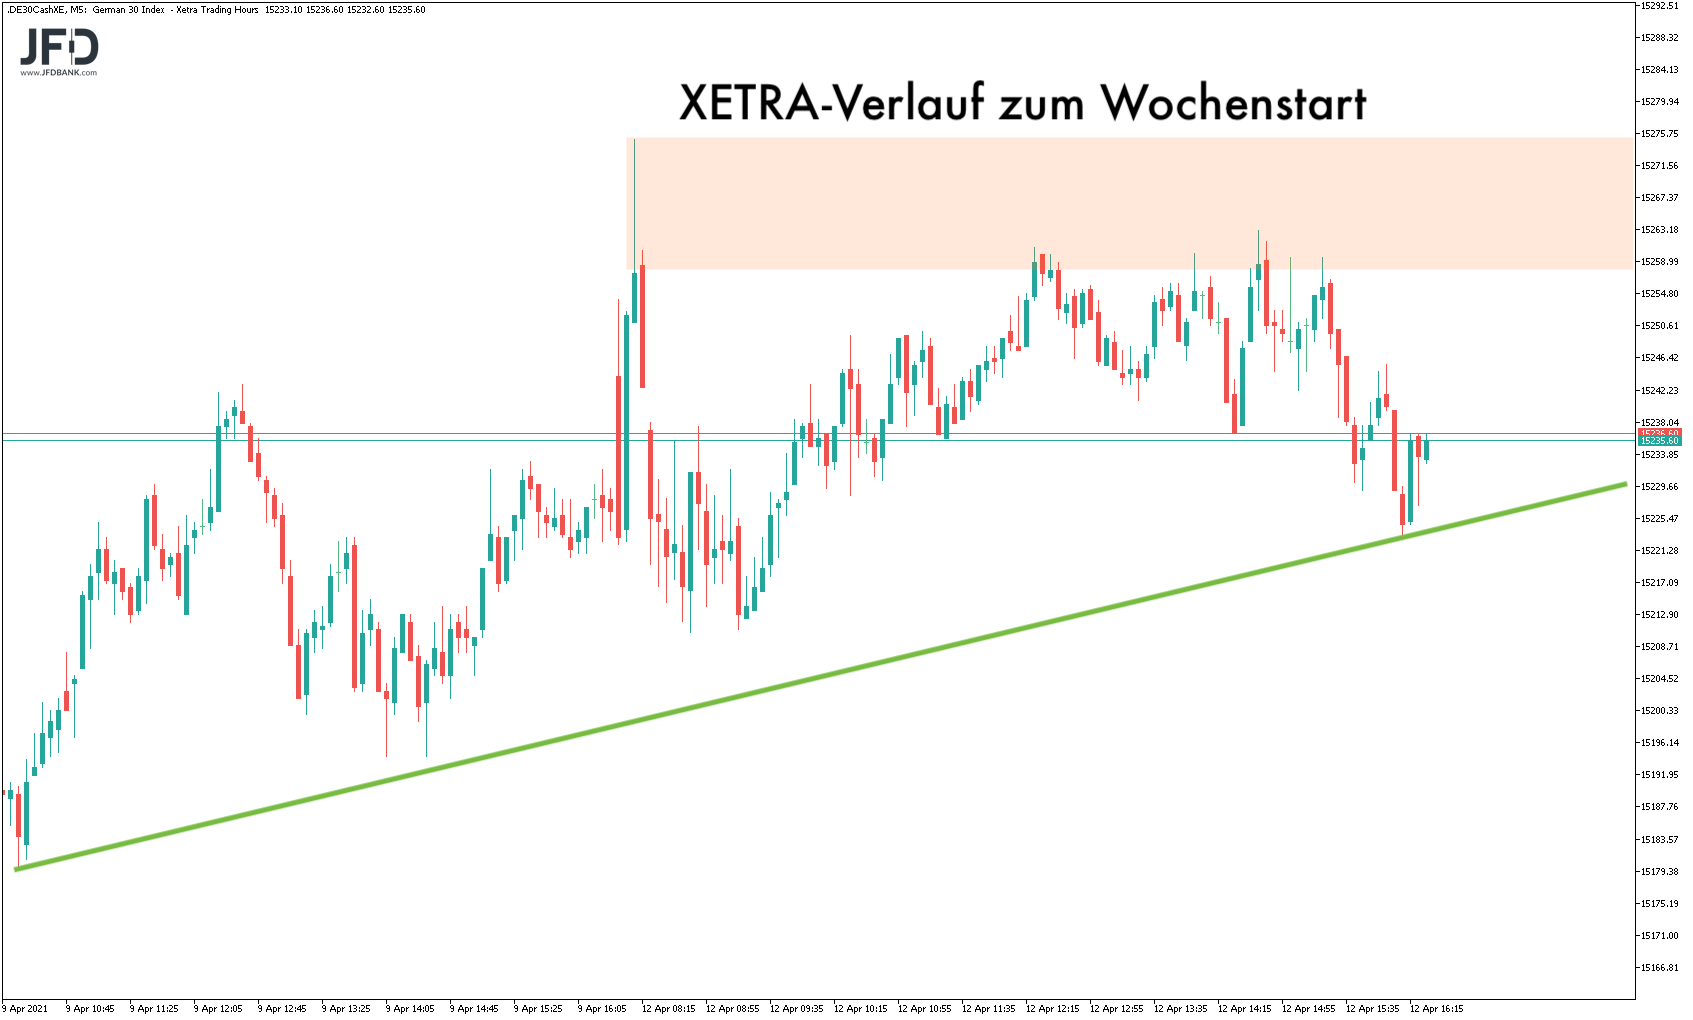 Wochenstart beim XETRA-DAX